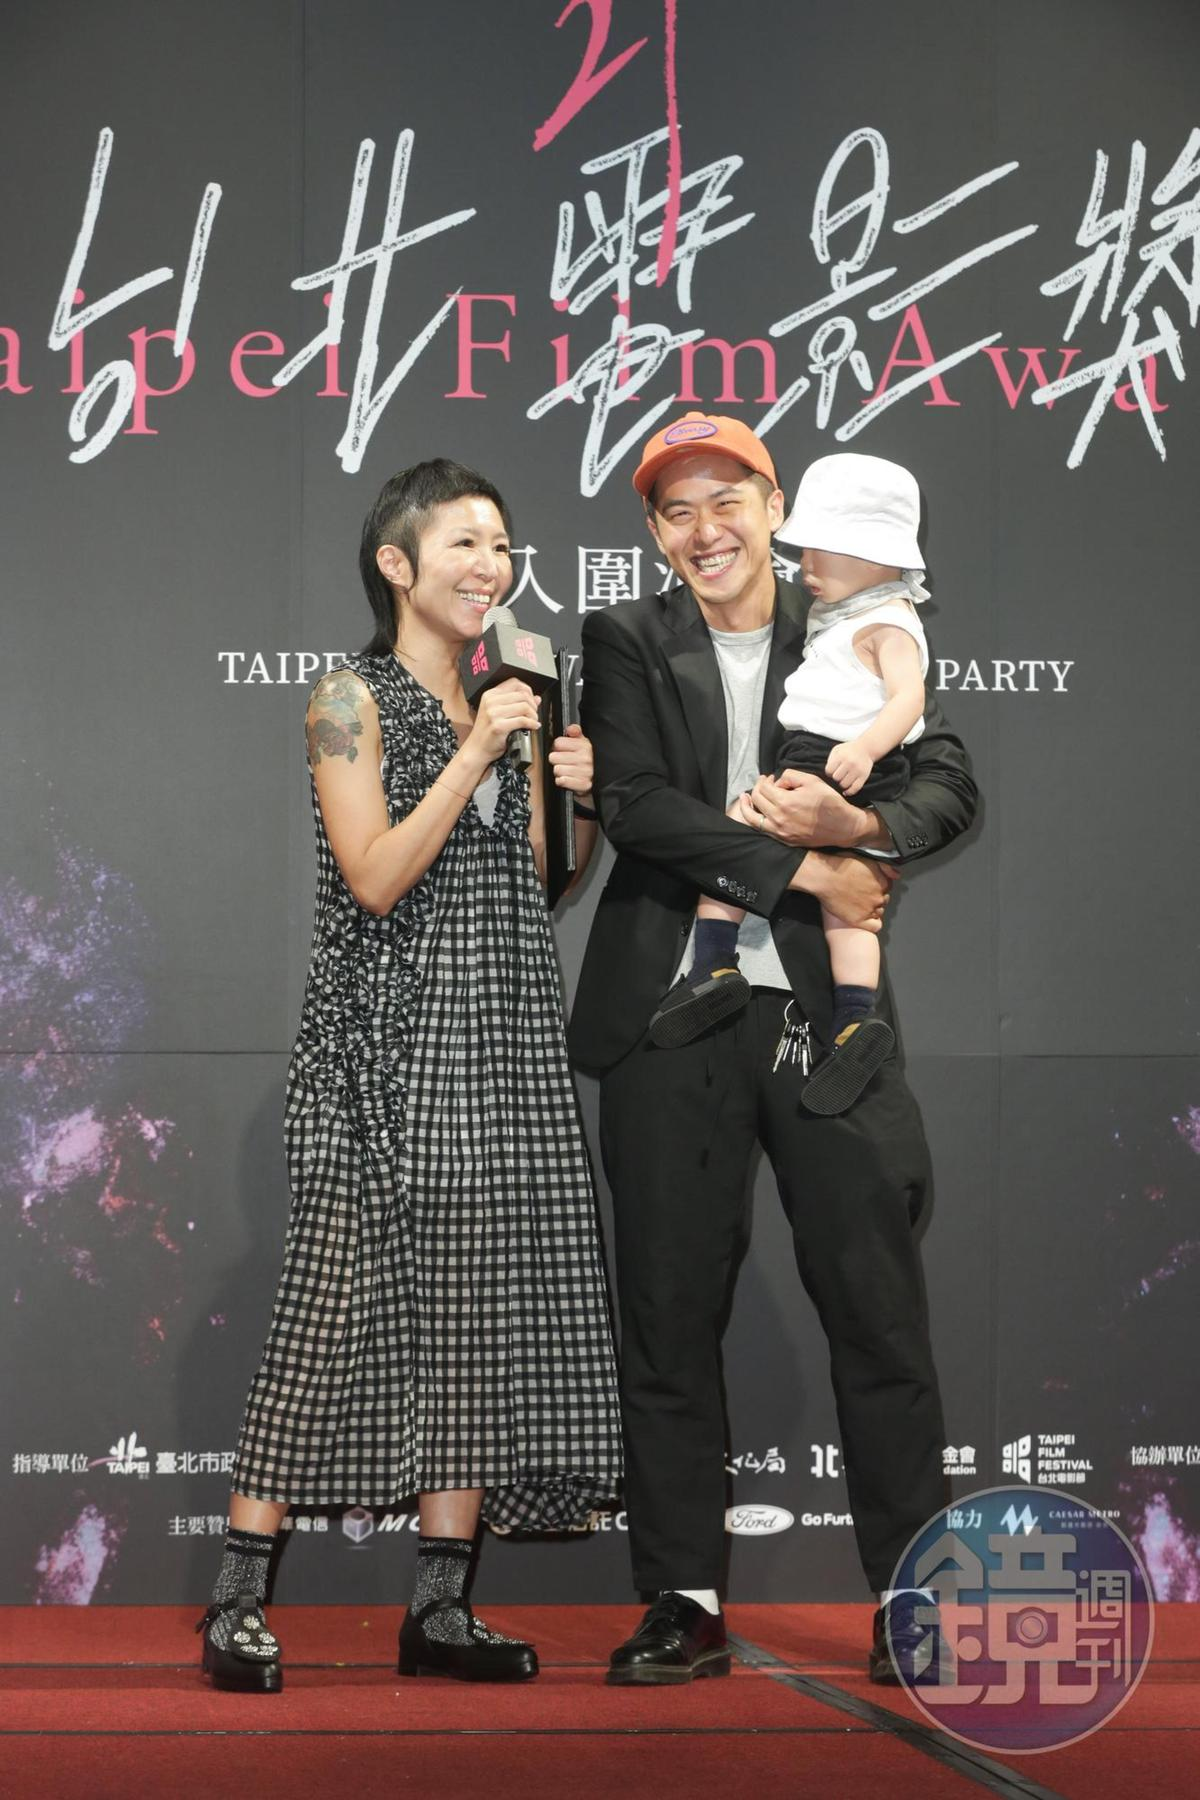 《誰先愛上他的》拿下電影行銷獎,代表華納兄弟領獎的Jo(左)說:「發行台灣電影真的很累!」導演之一的許智彥(右),抱著小孩領獎。